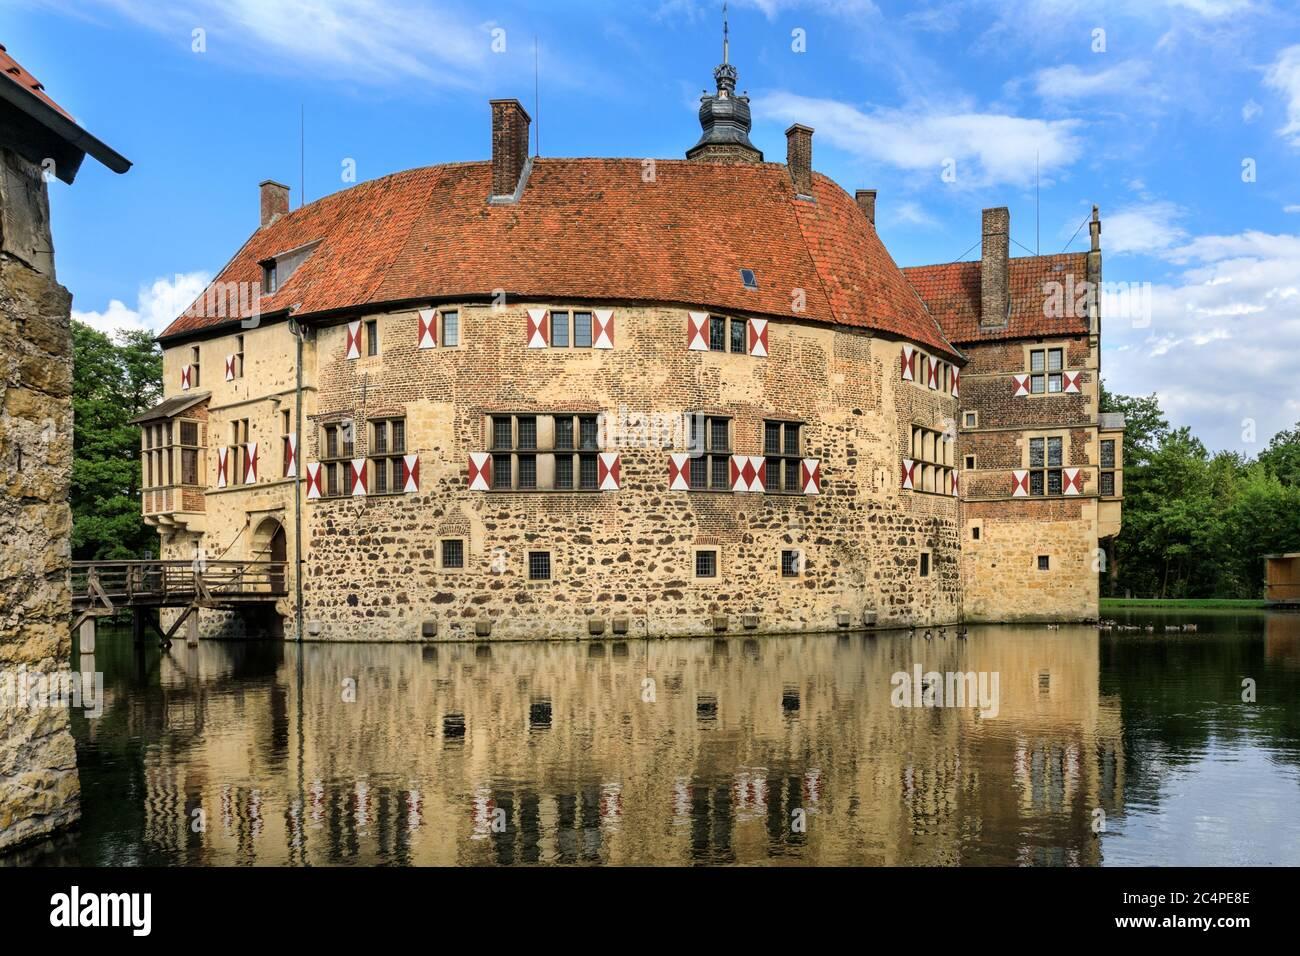 Castillo de Vischering, Burg Vischering, castillo medieval en la región de Münster, Lüdinghausen, NRW, Alemania Foto de stock